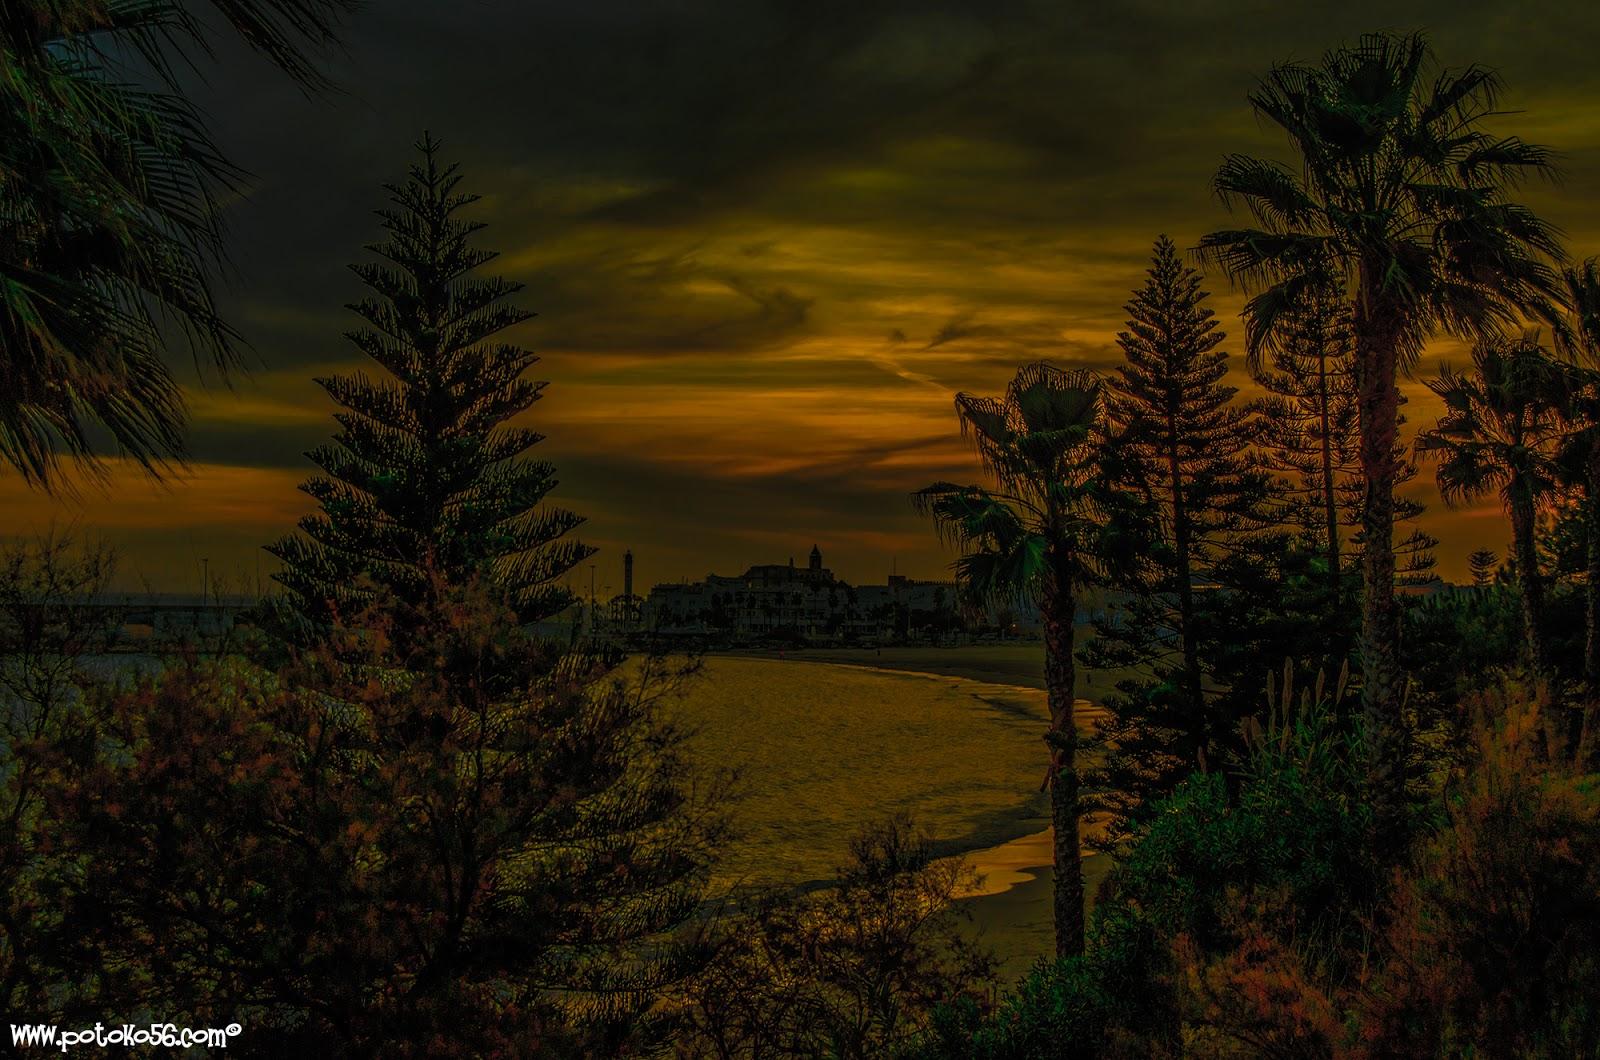 fotografía de ayer tarde llegando la noche por el paseo Rota